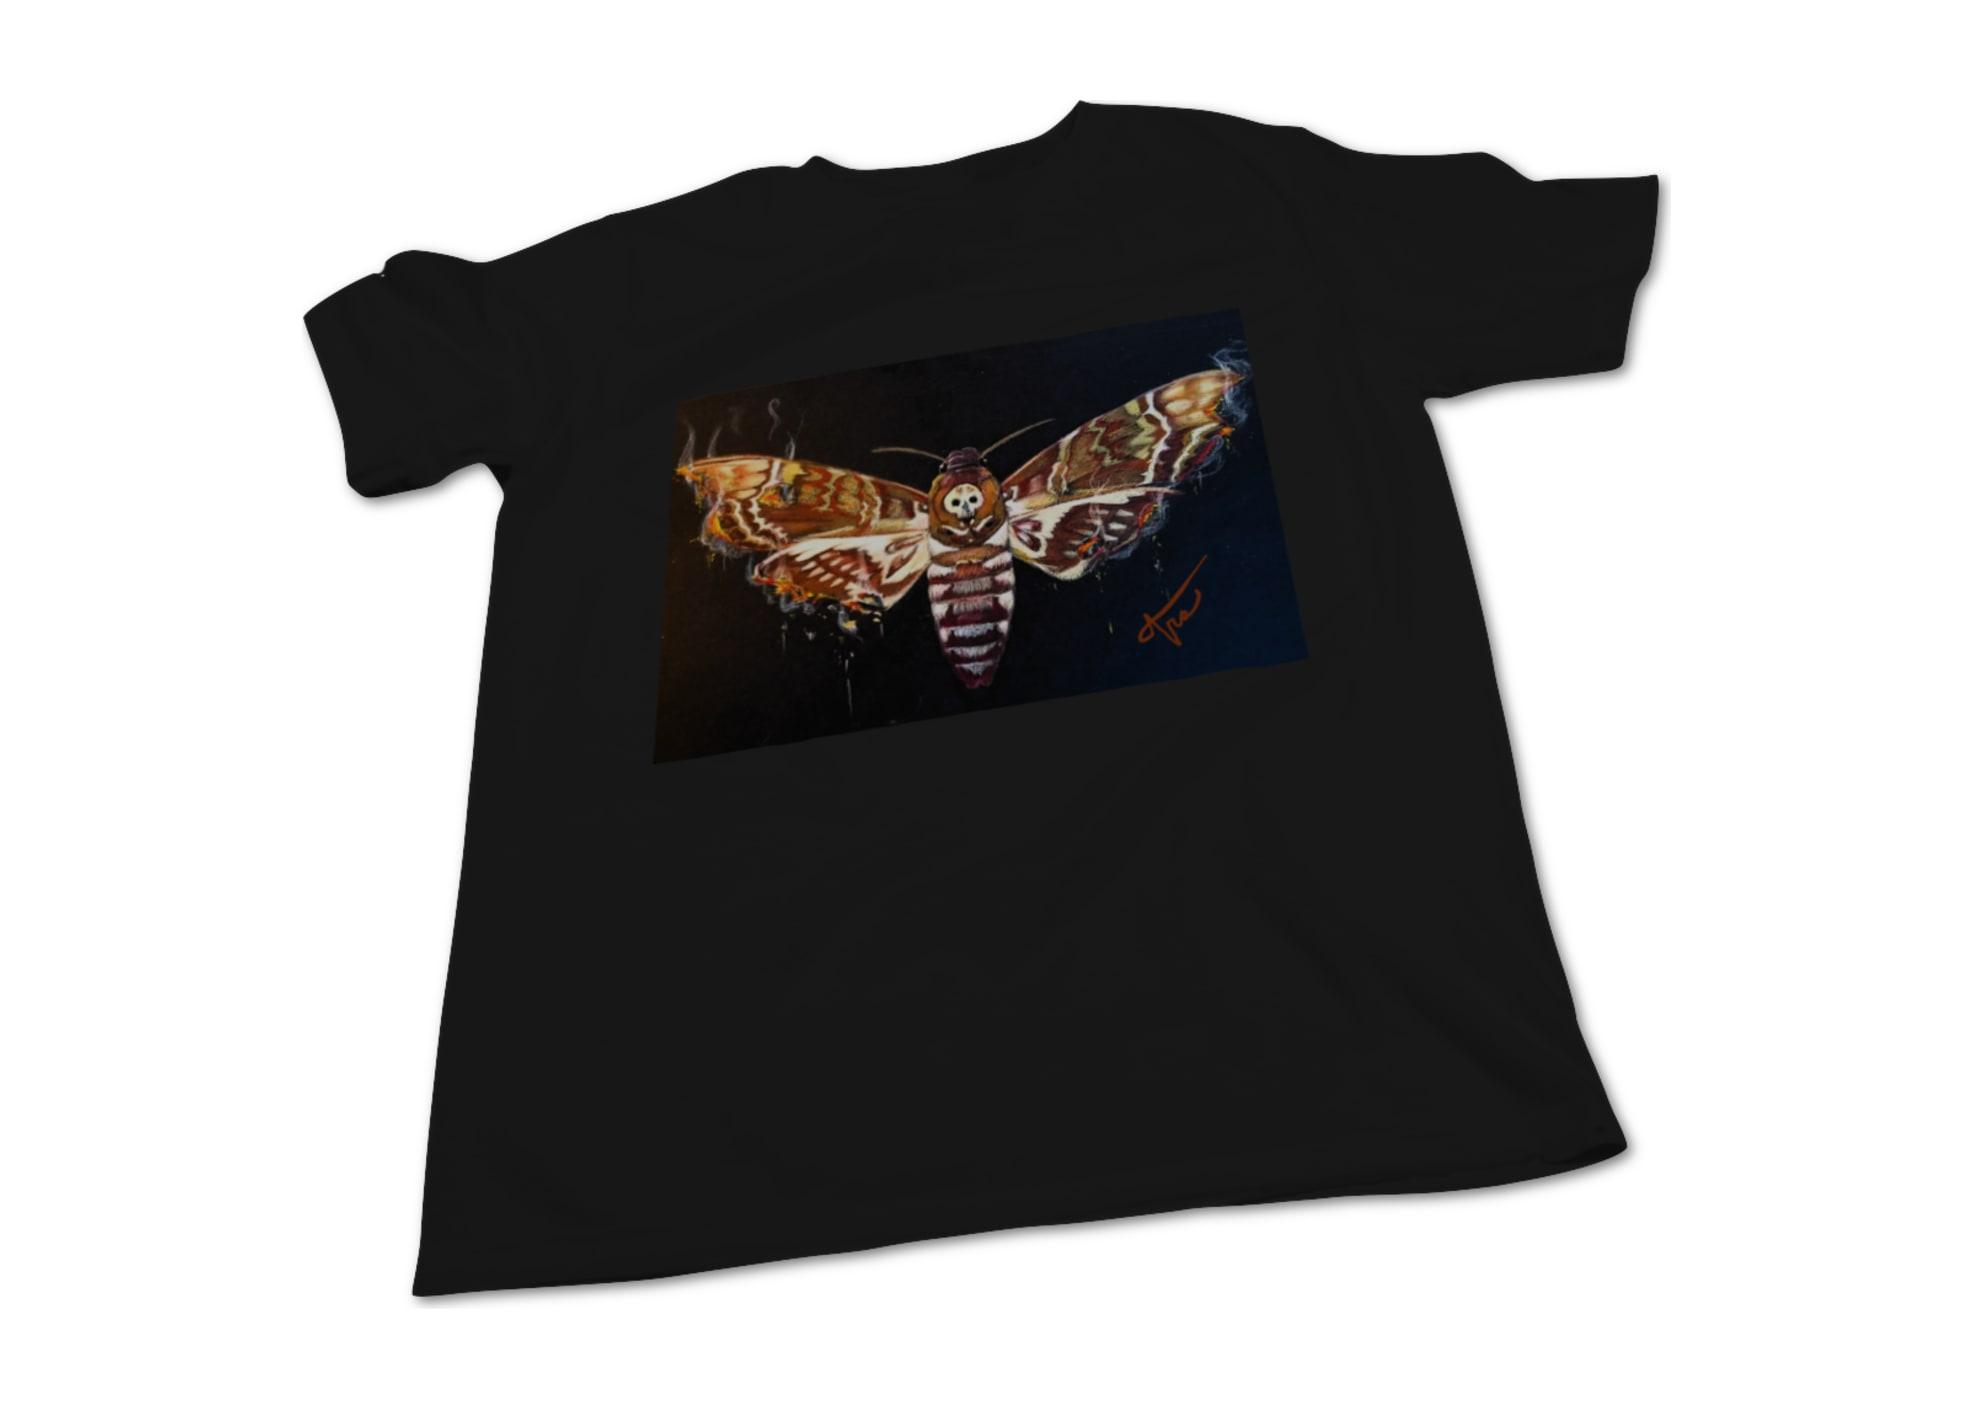 Avra cadaver moth to a flame 1615592954